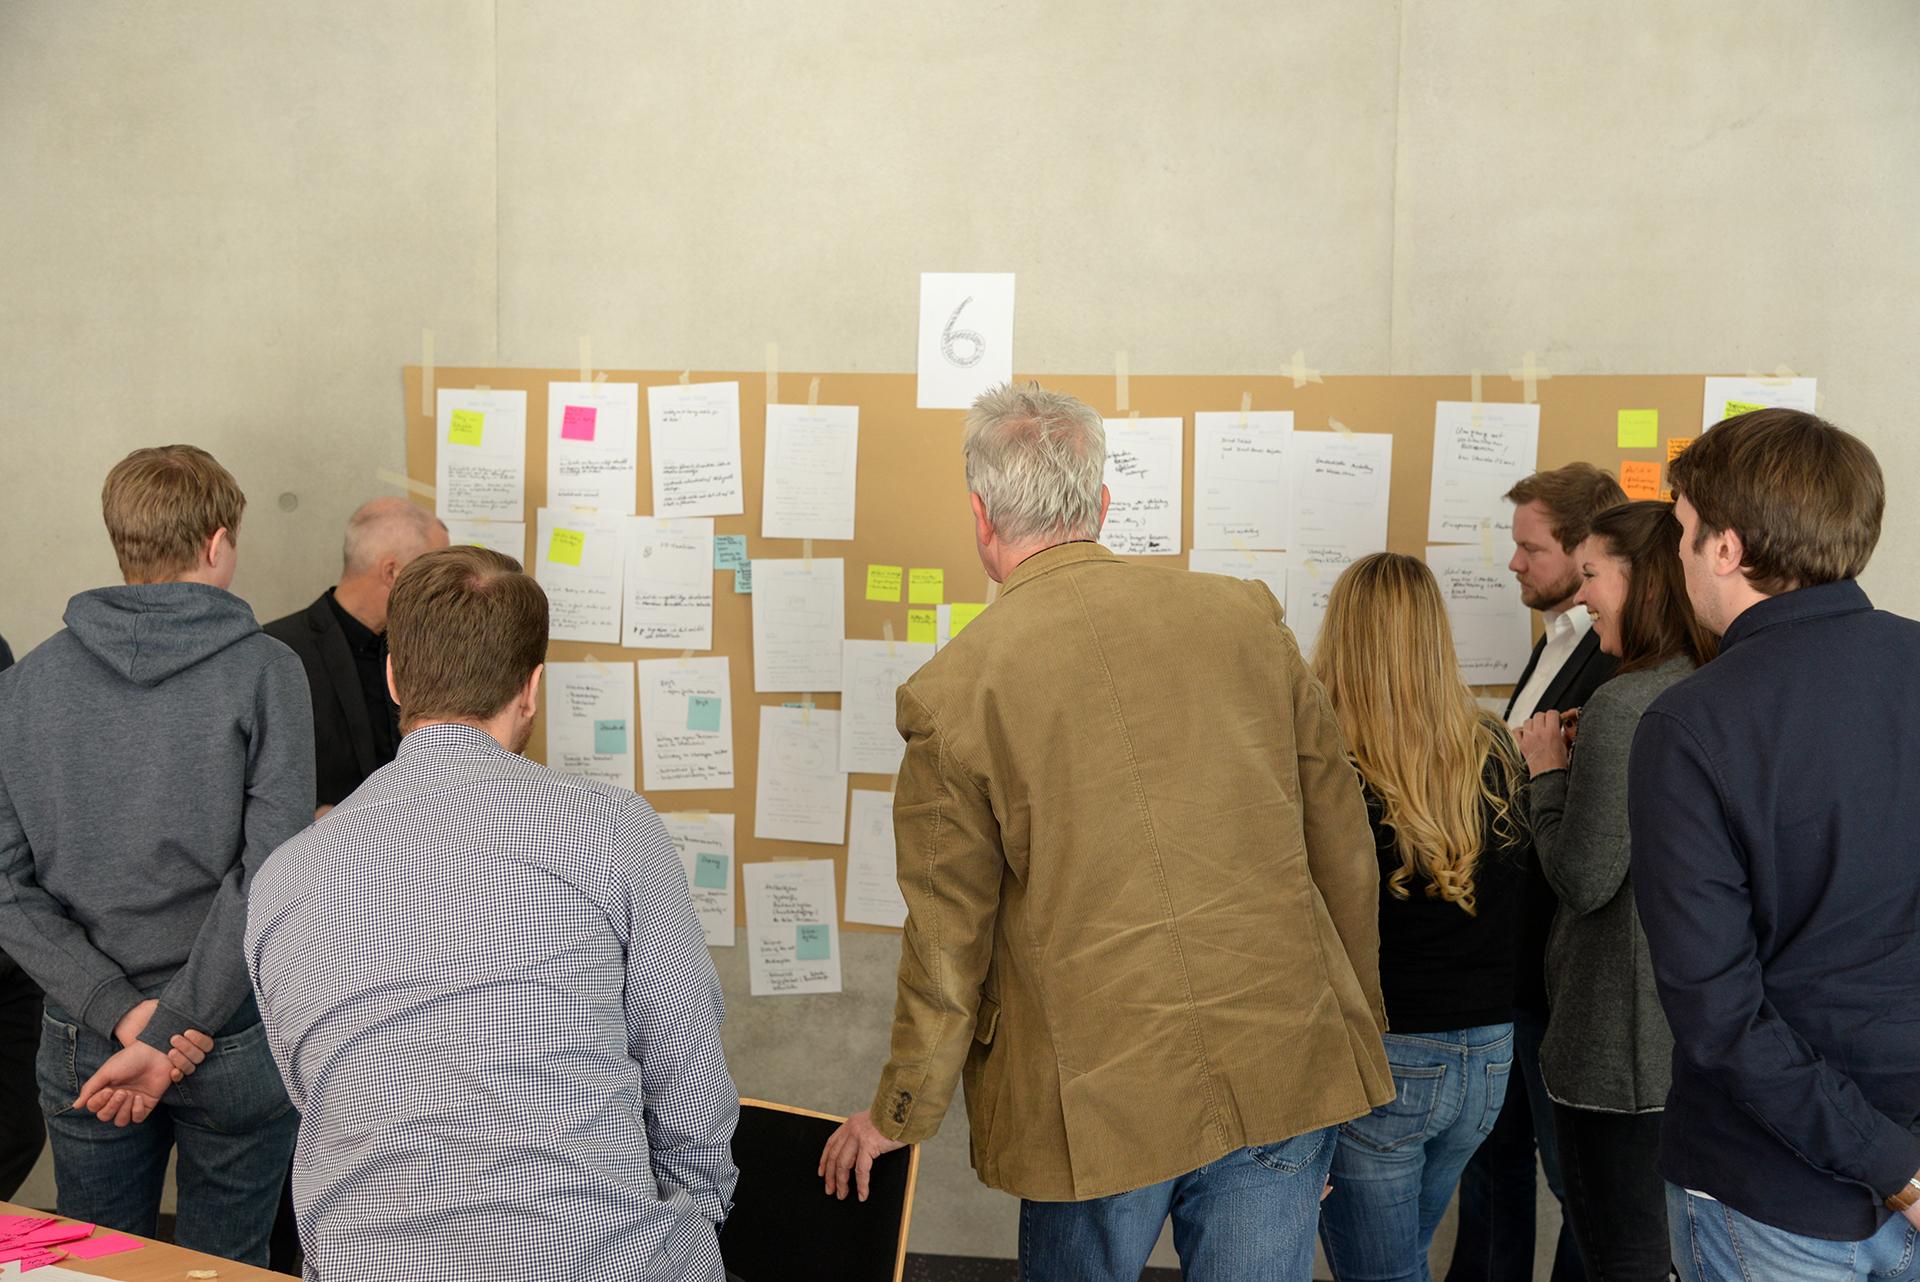 Einblicke ins Design Thinking